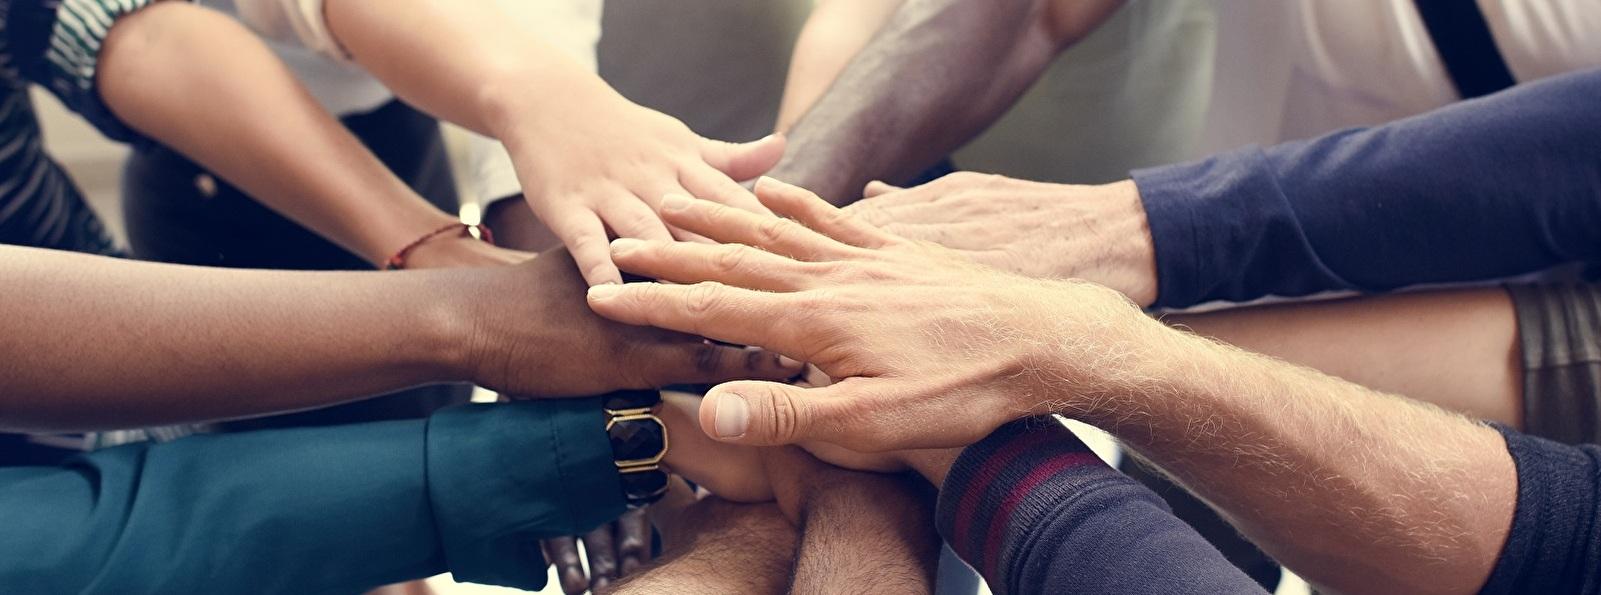 Bild zum Themenbereich Integration